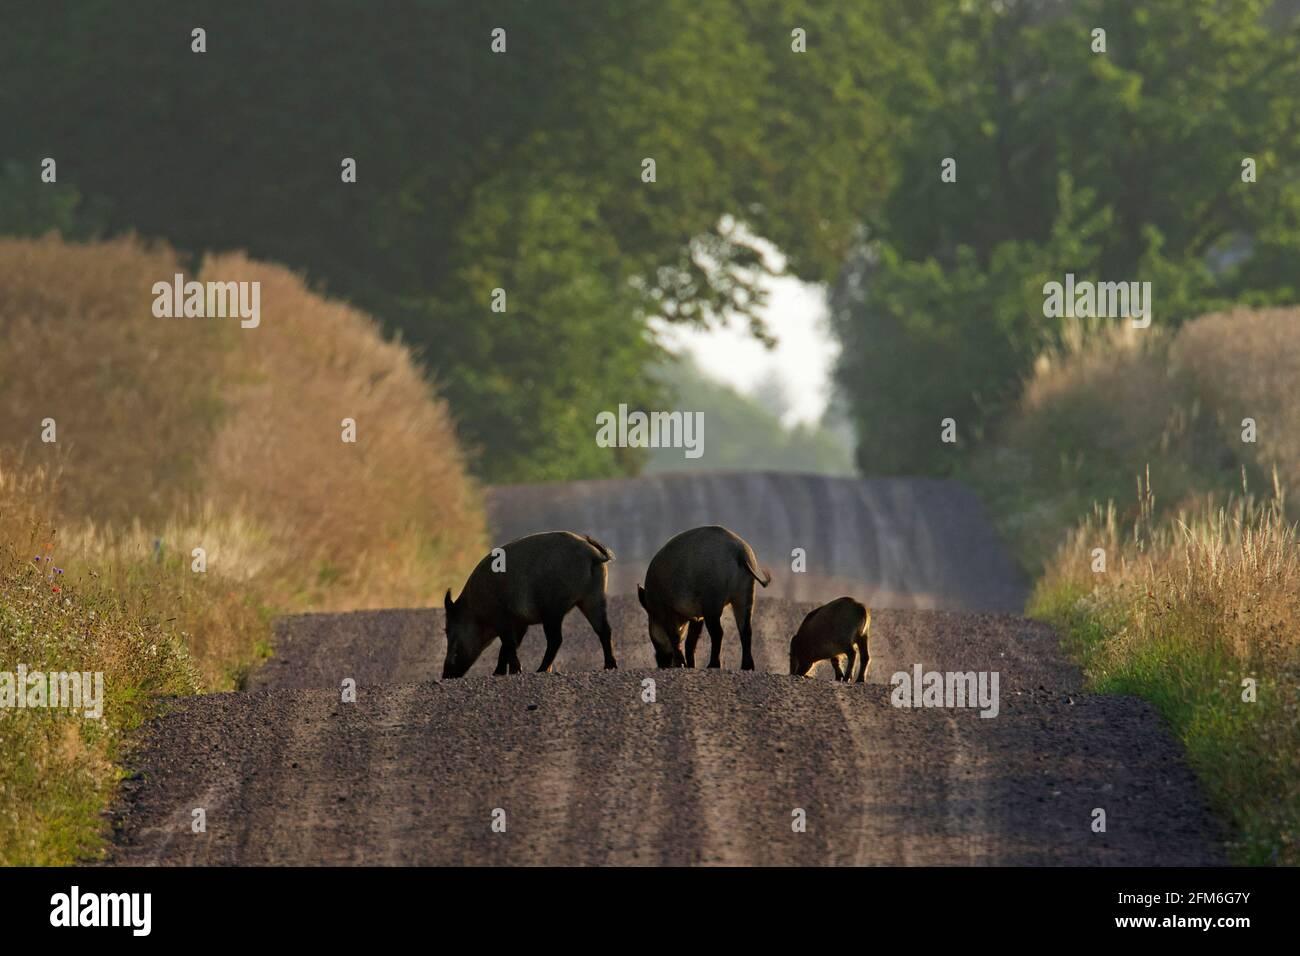 Sangliers (sus scrofa) avec la recherche de jeunes le long de la route de terre rurale dans la forêt en été Banque D'Images